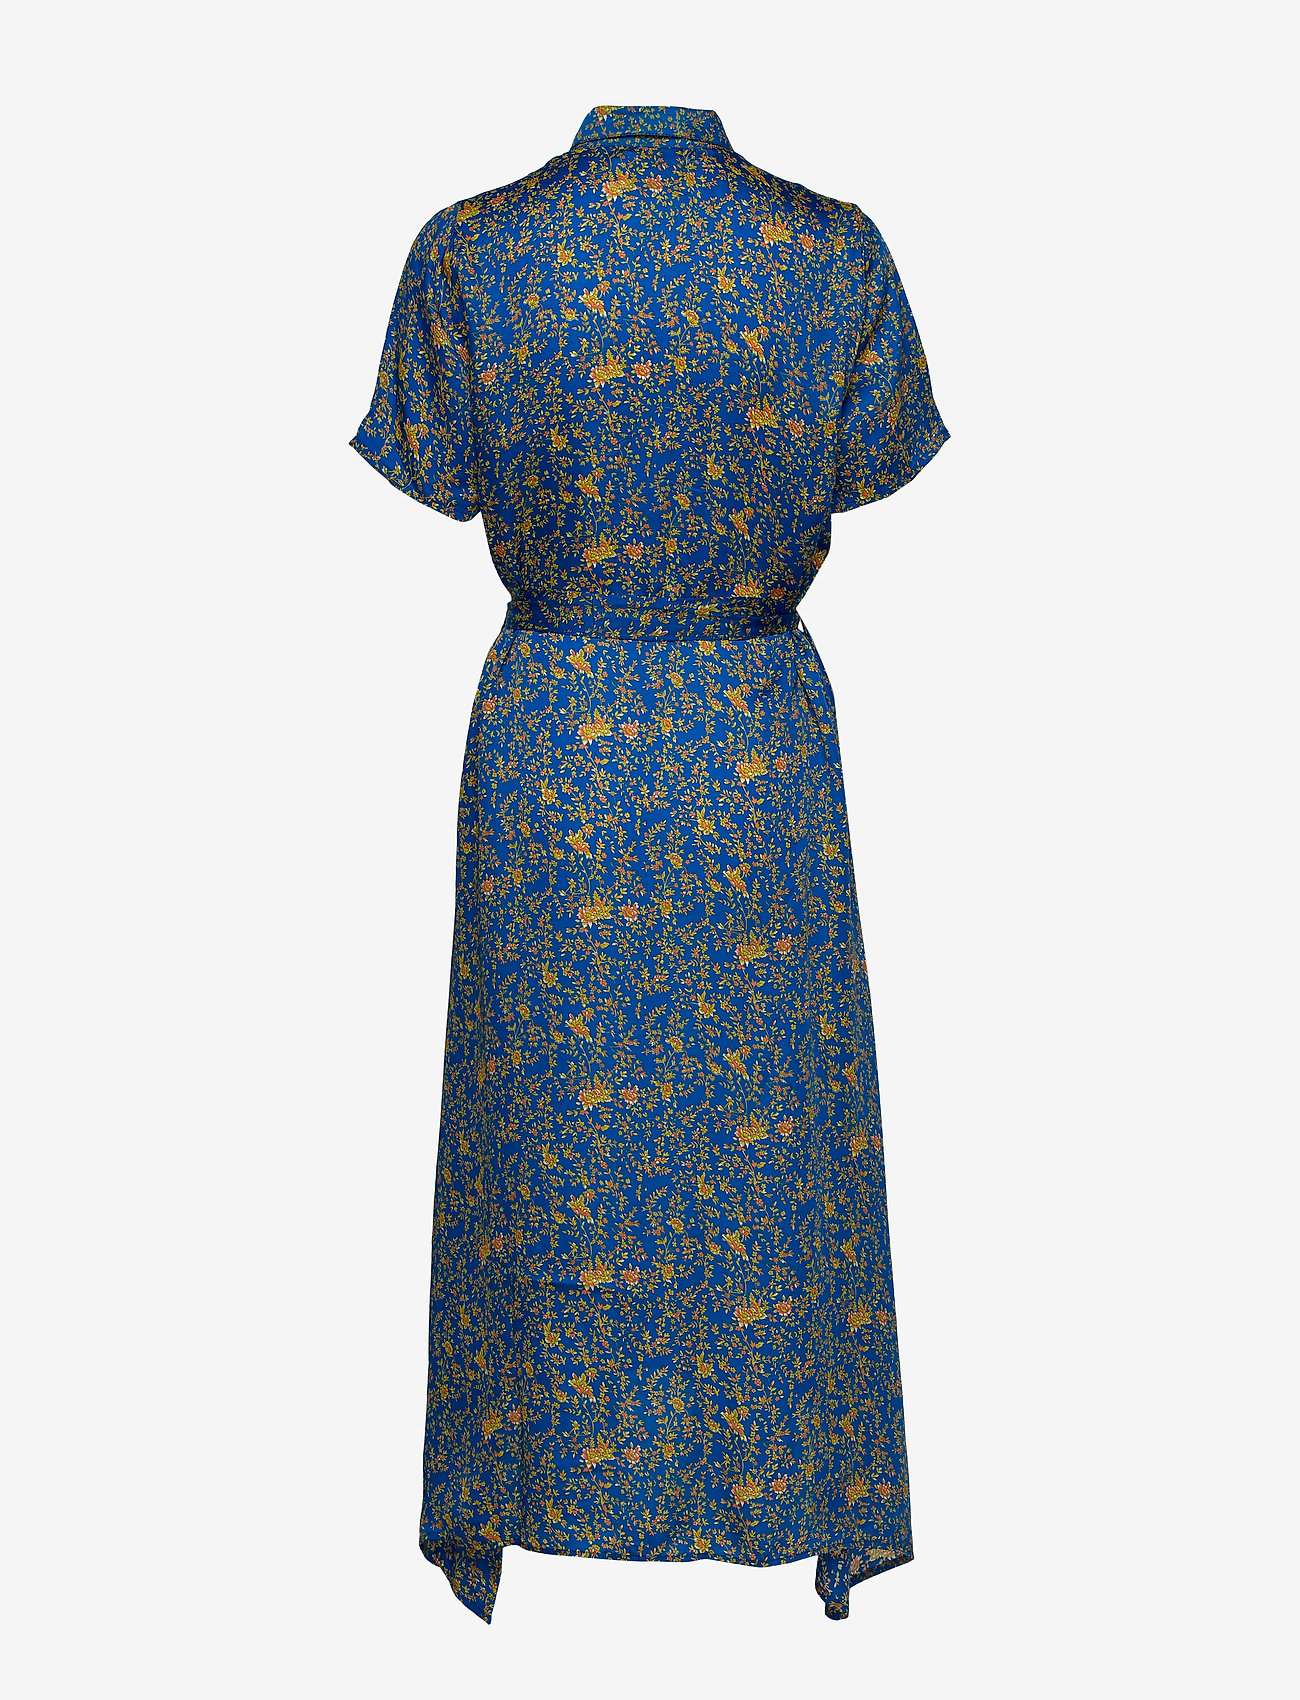 Blake Dress (Neon Blue) (1012.50 kr) - Lollys Laundry